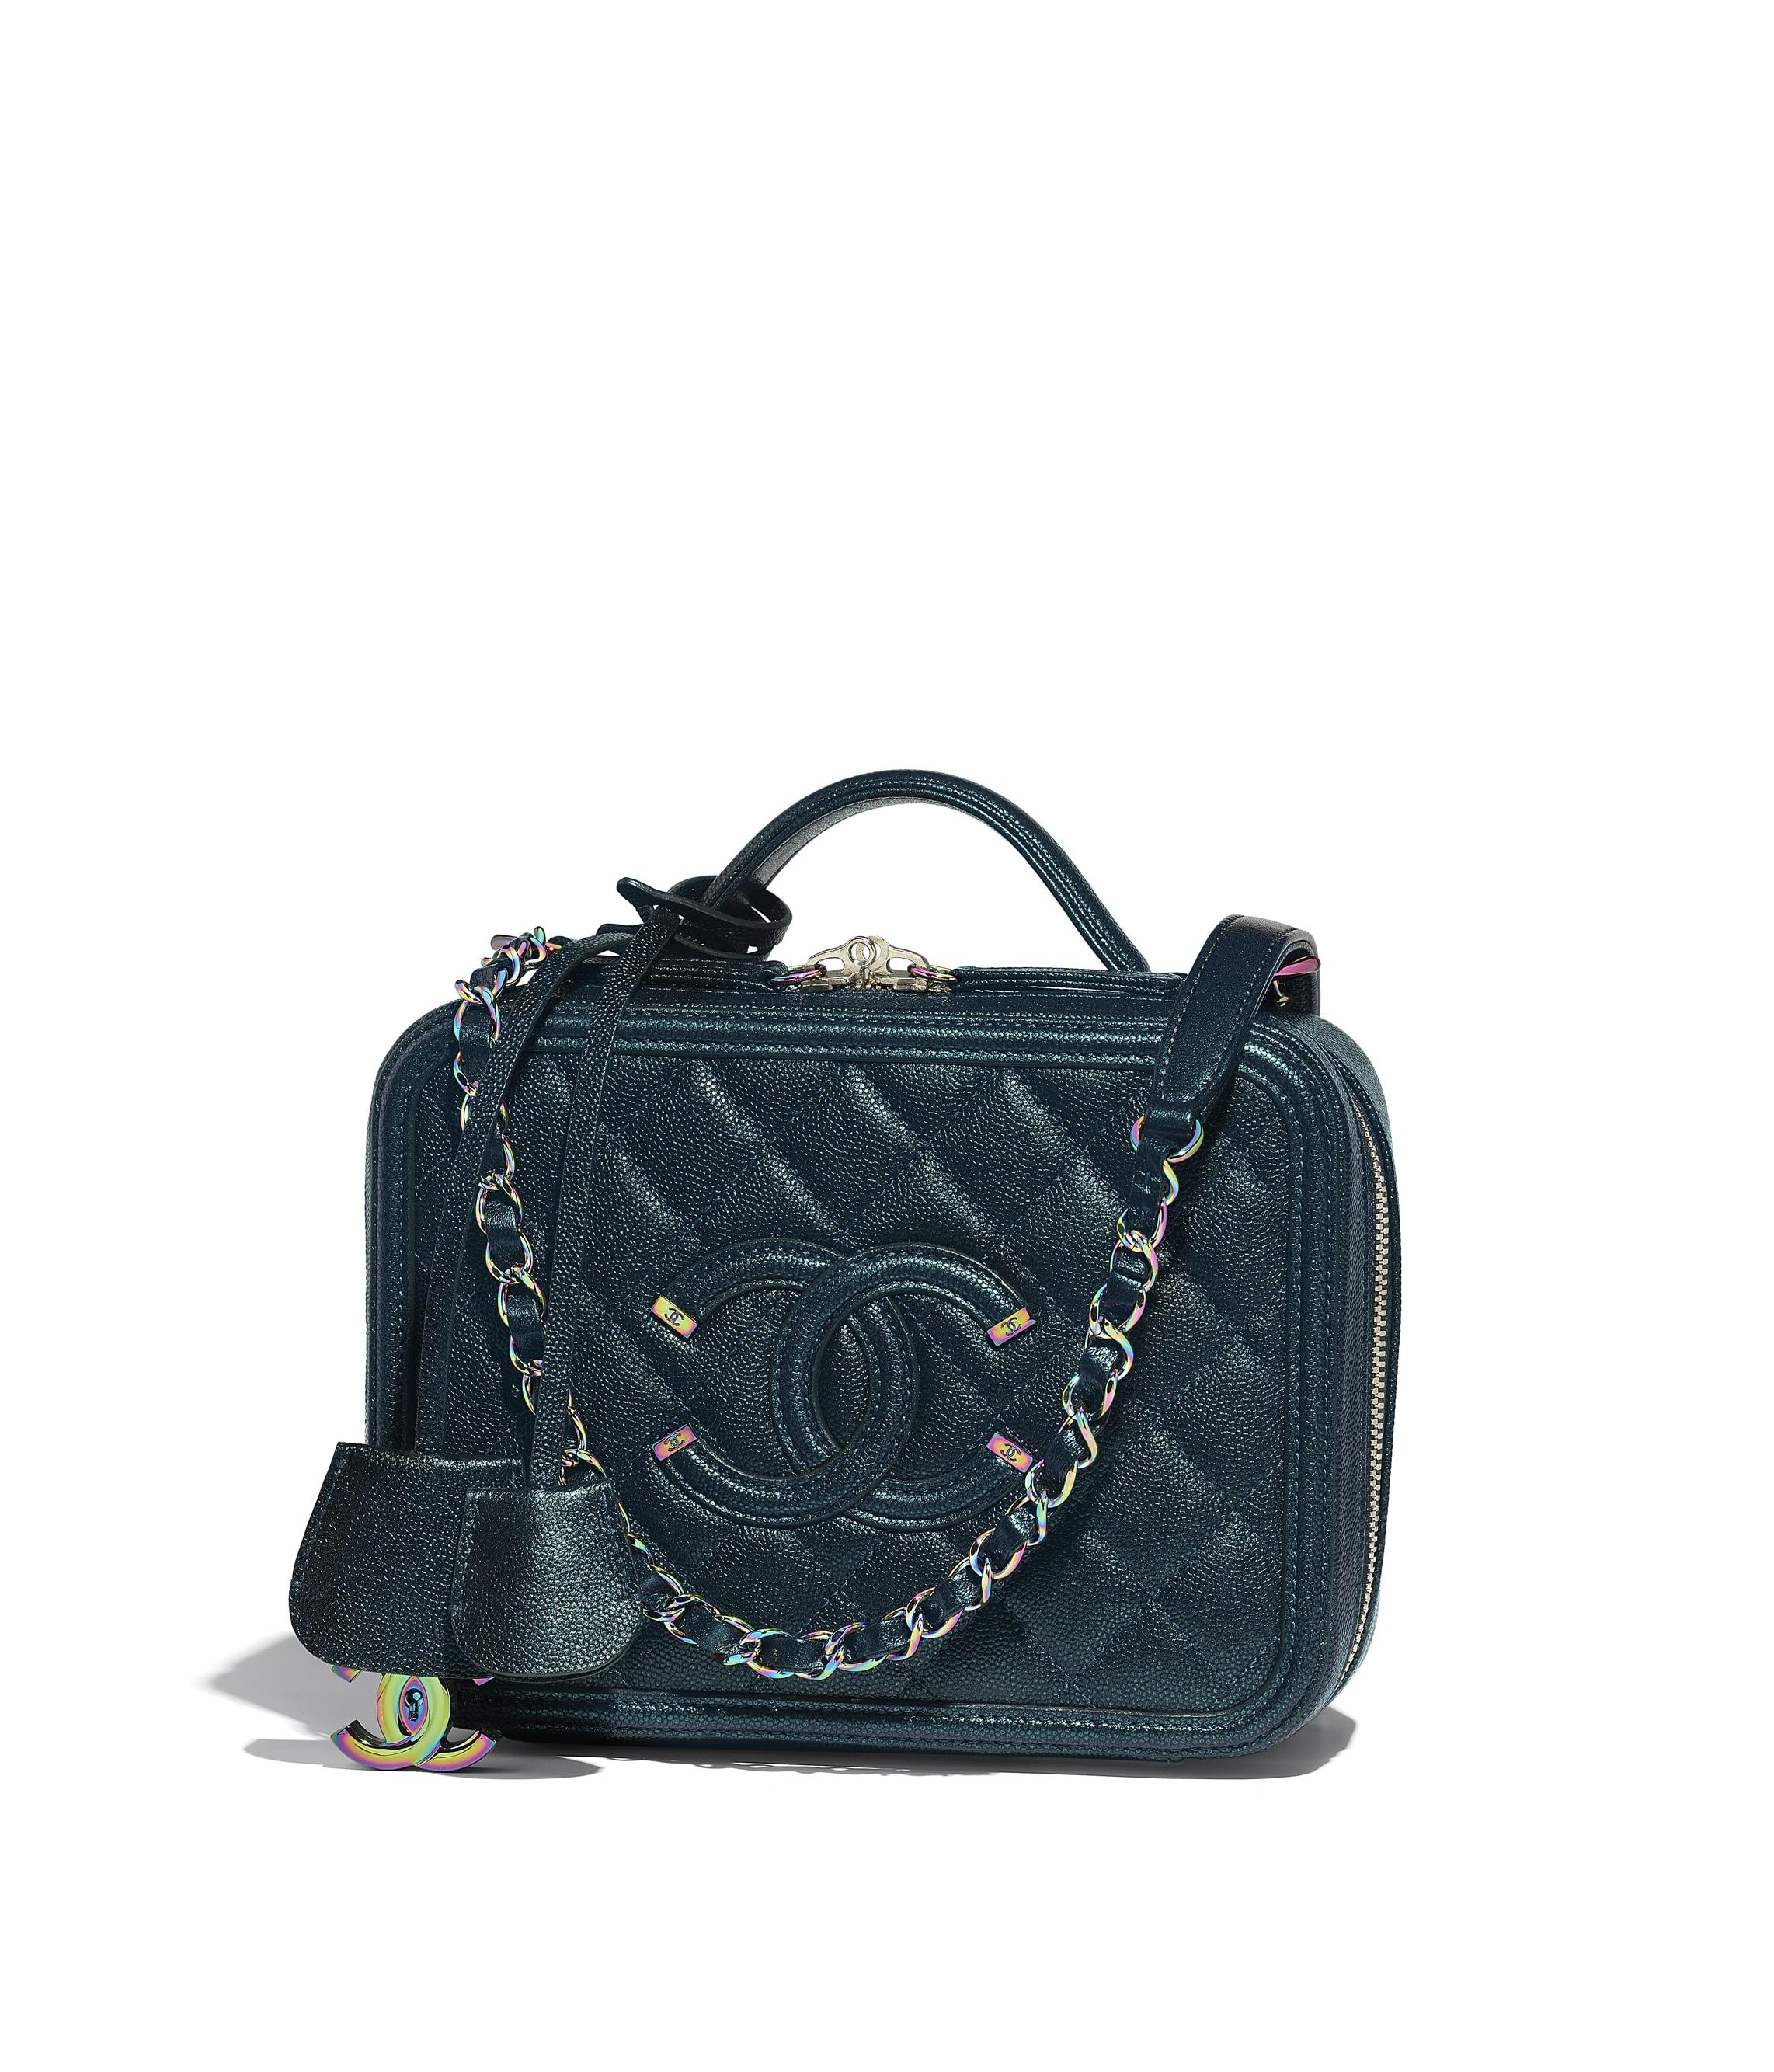 Vanity Chanel case bag